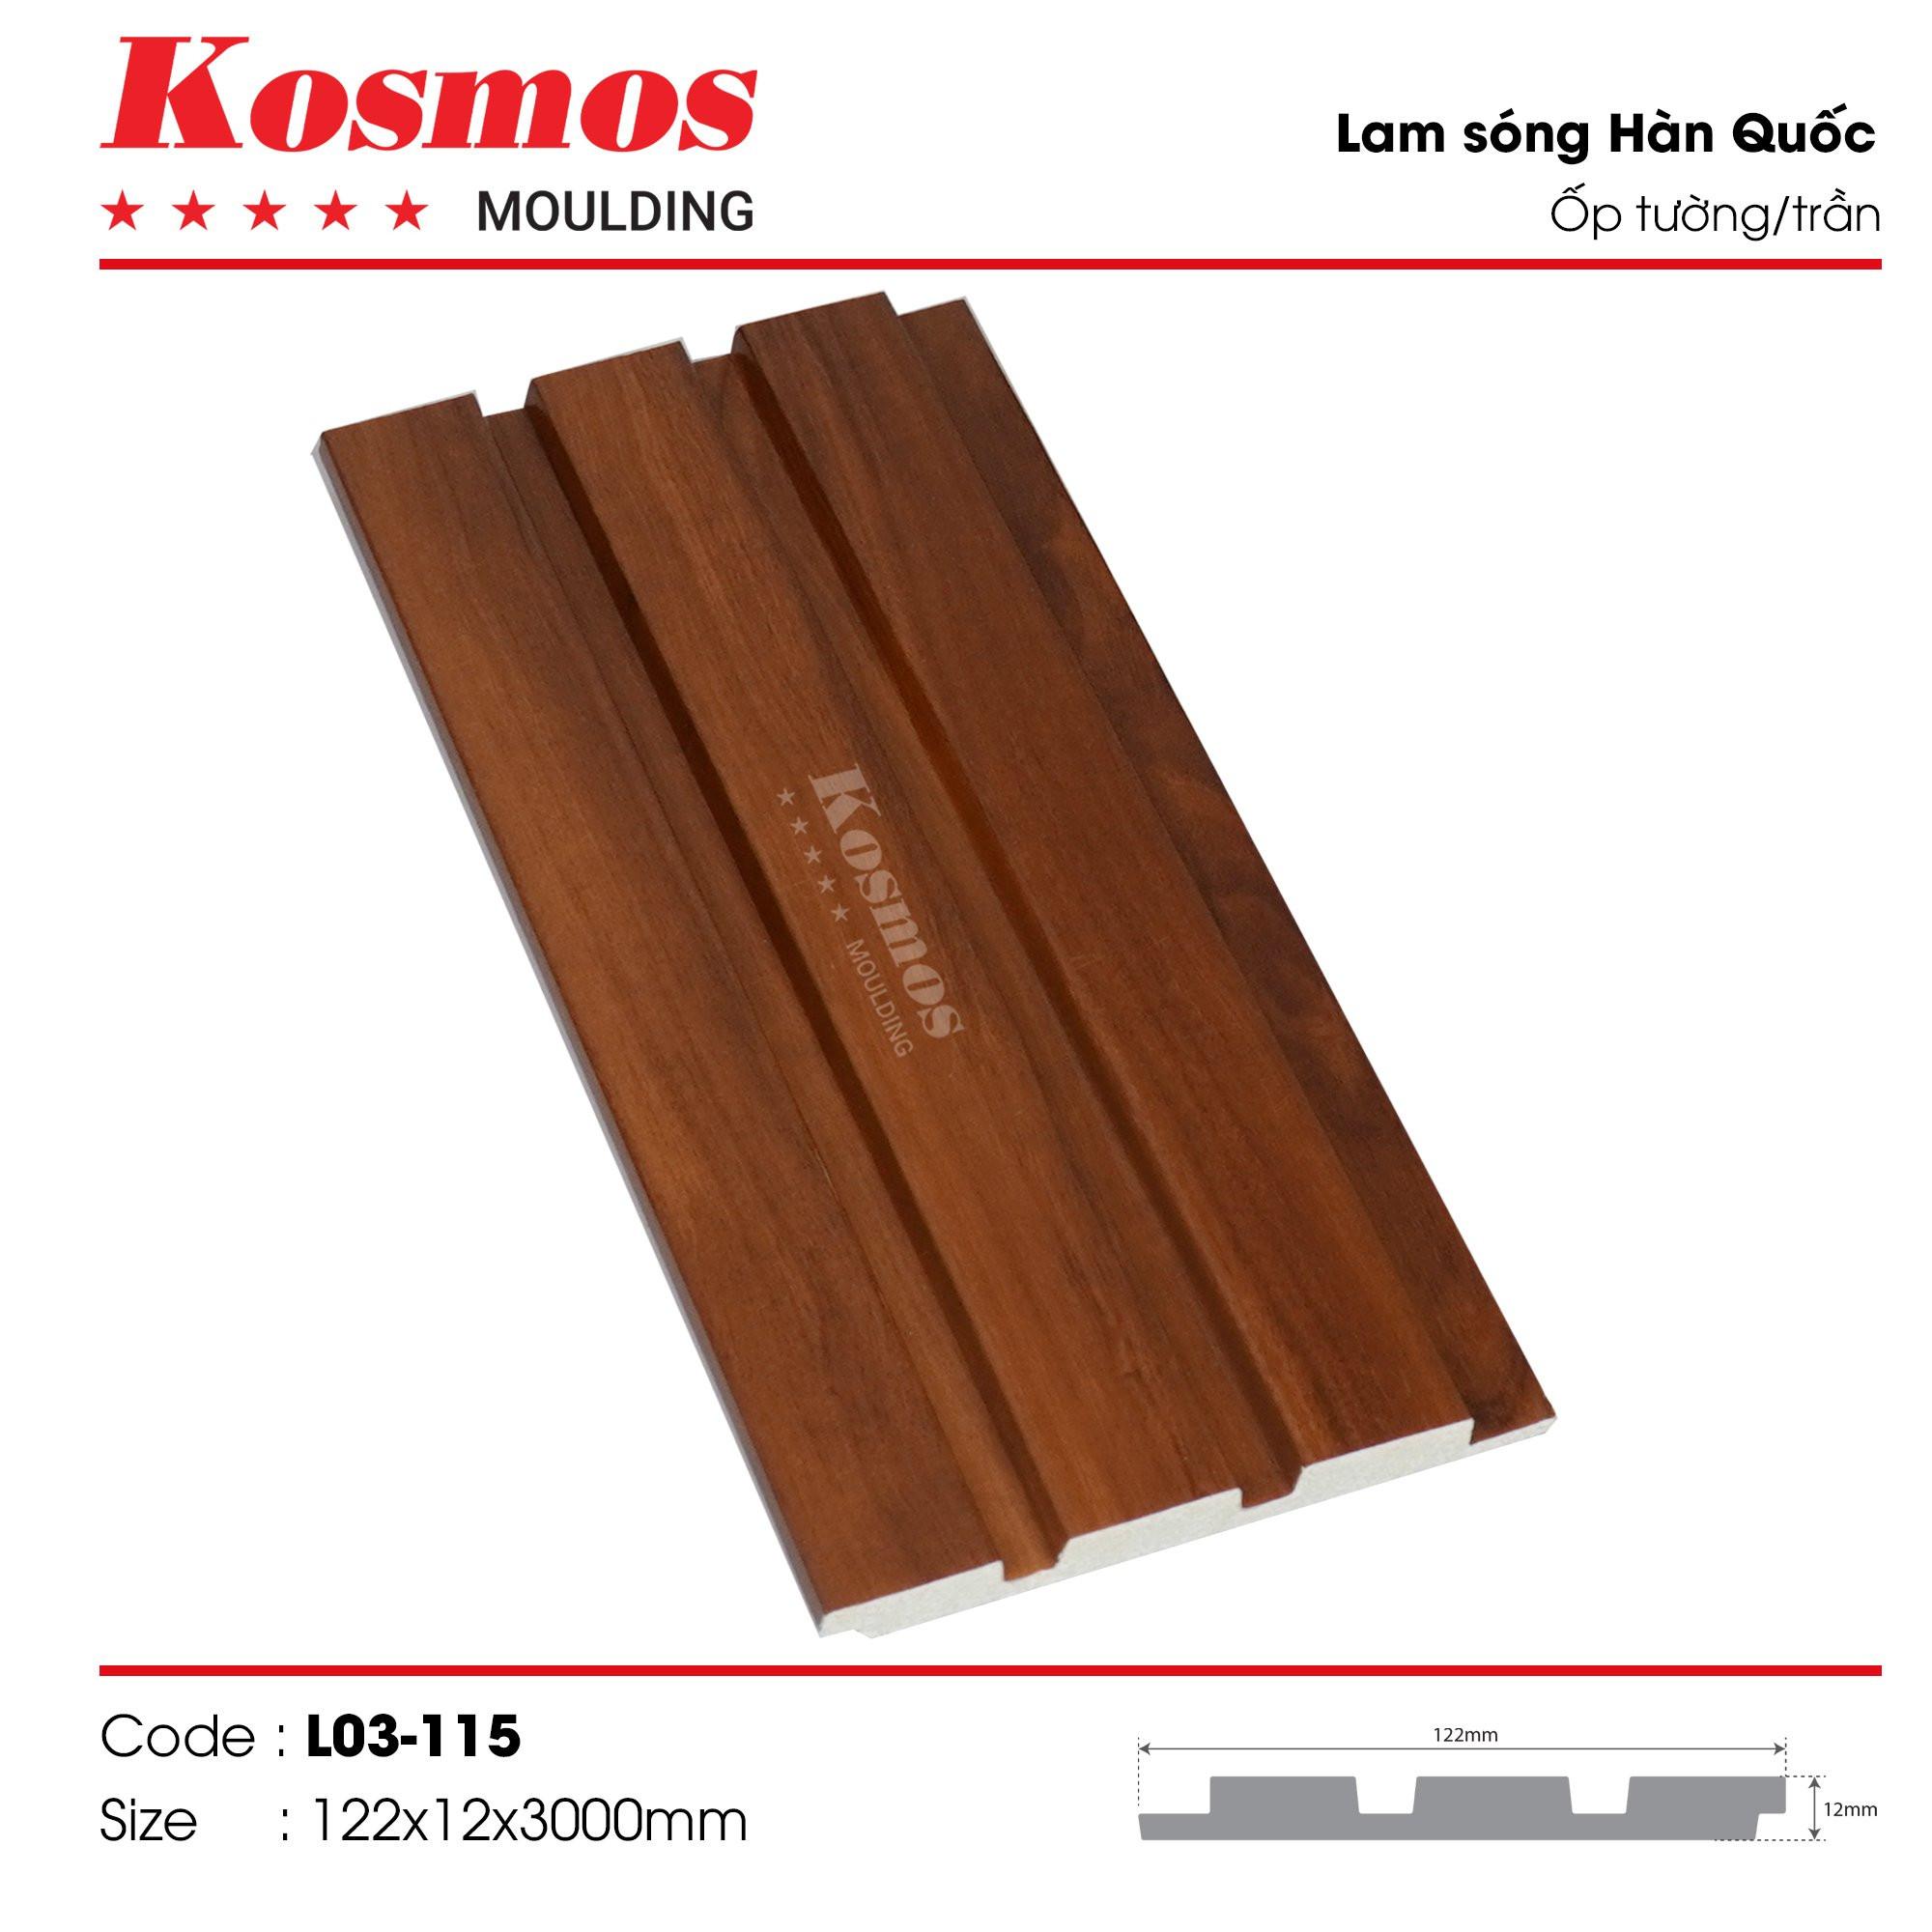 LAM SÓNG KOSMOS MOULDING LO3-115